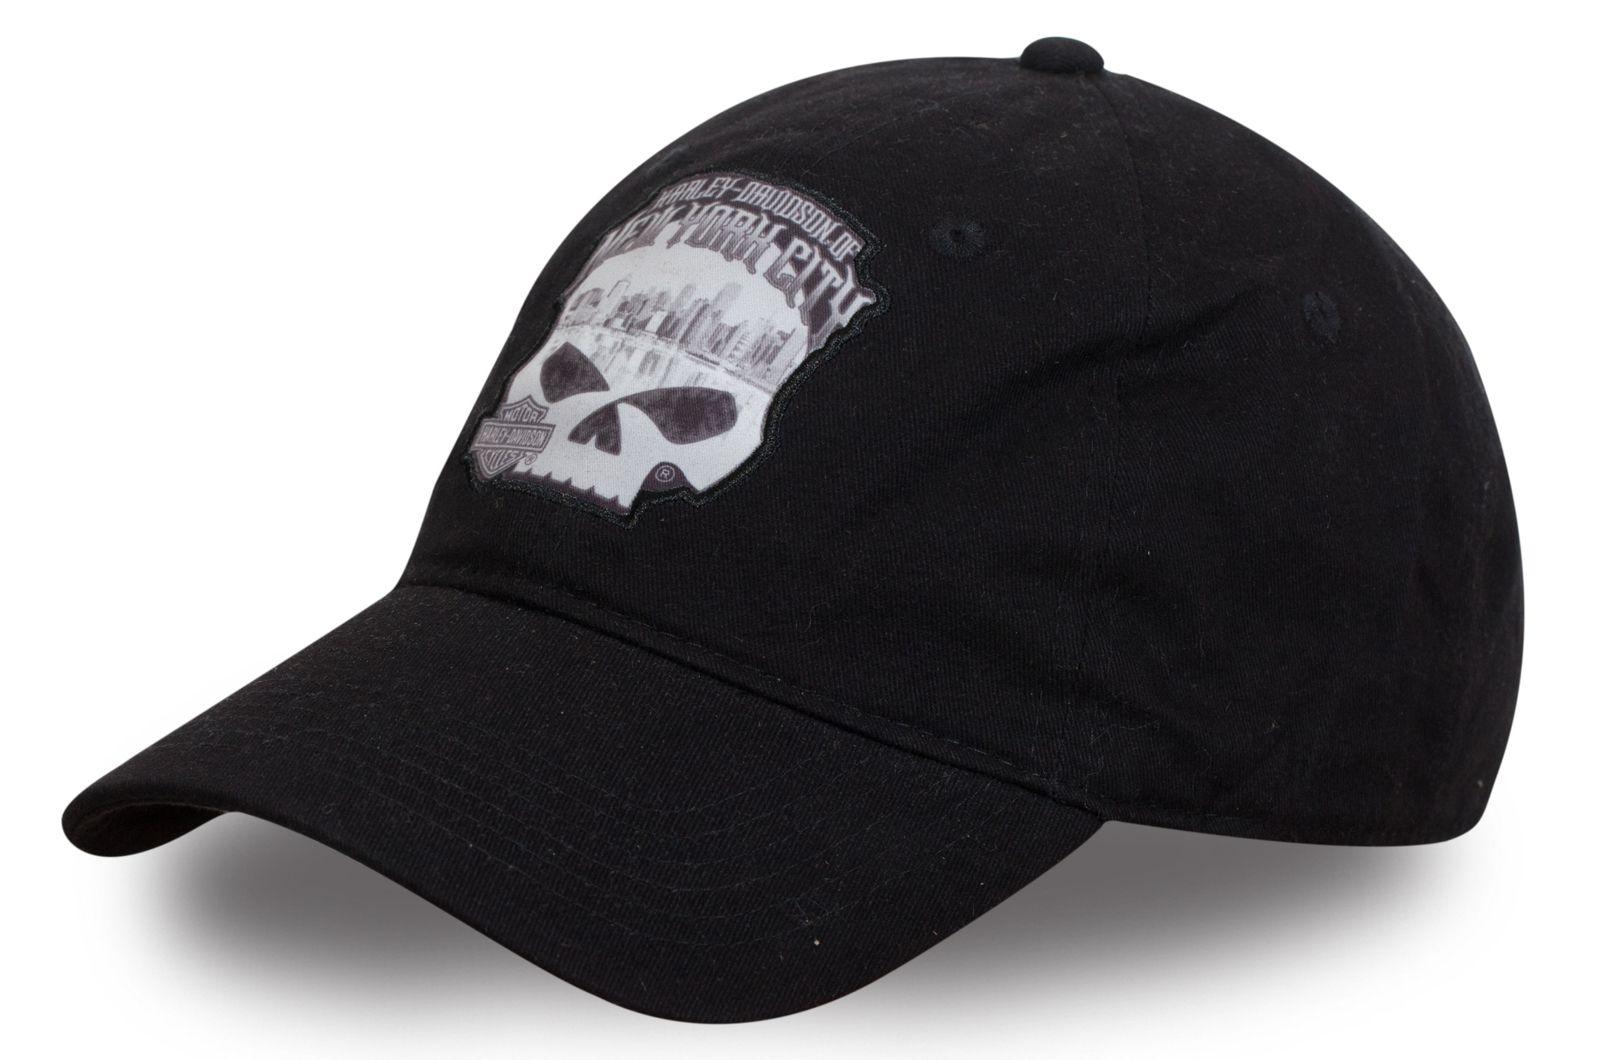 Байкерская бейсболка с черепом - купить по низкой цене